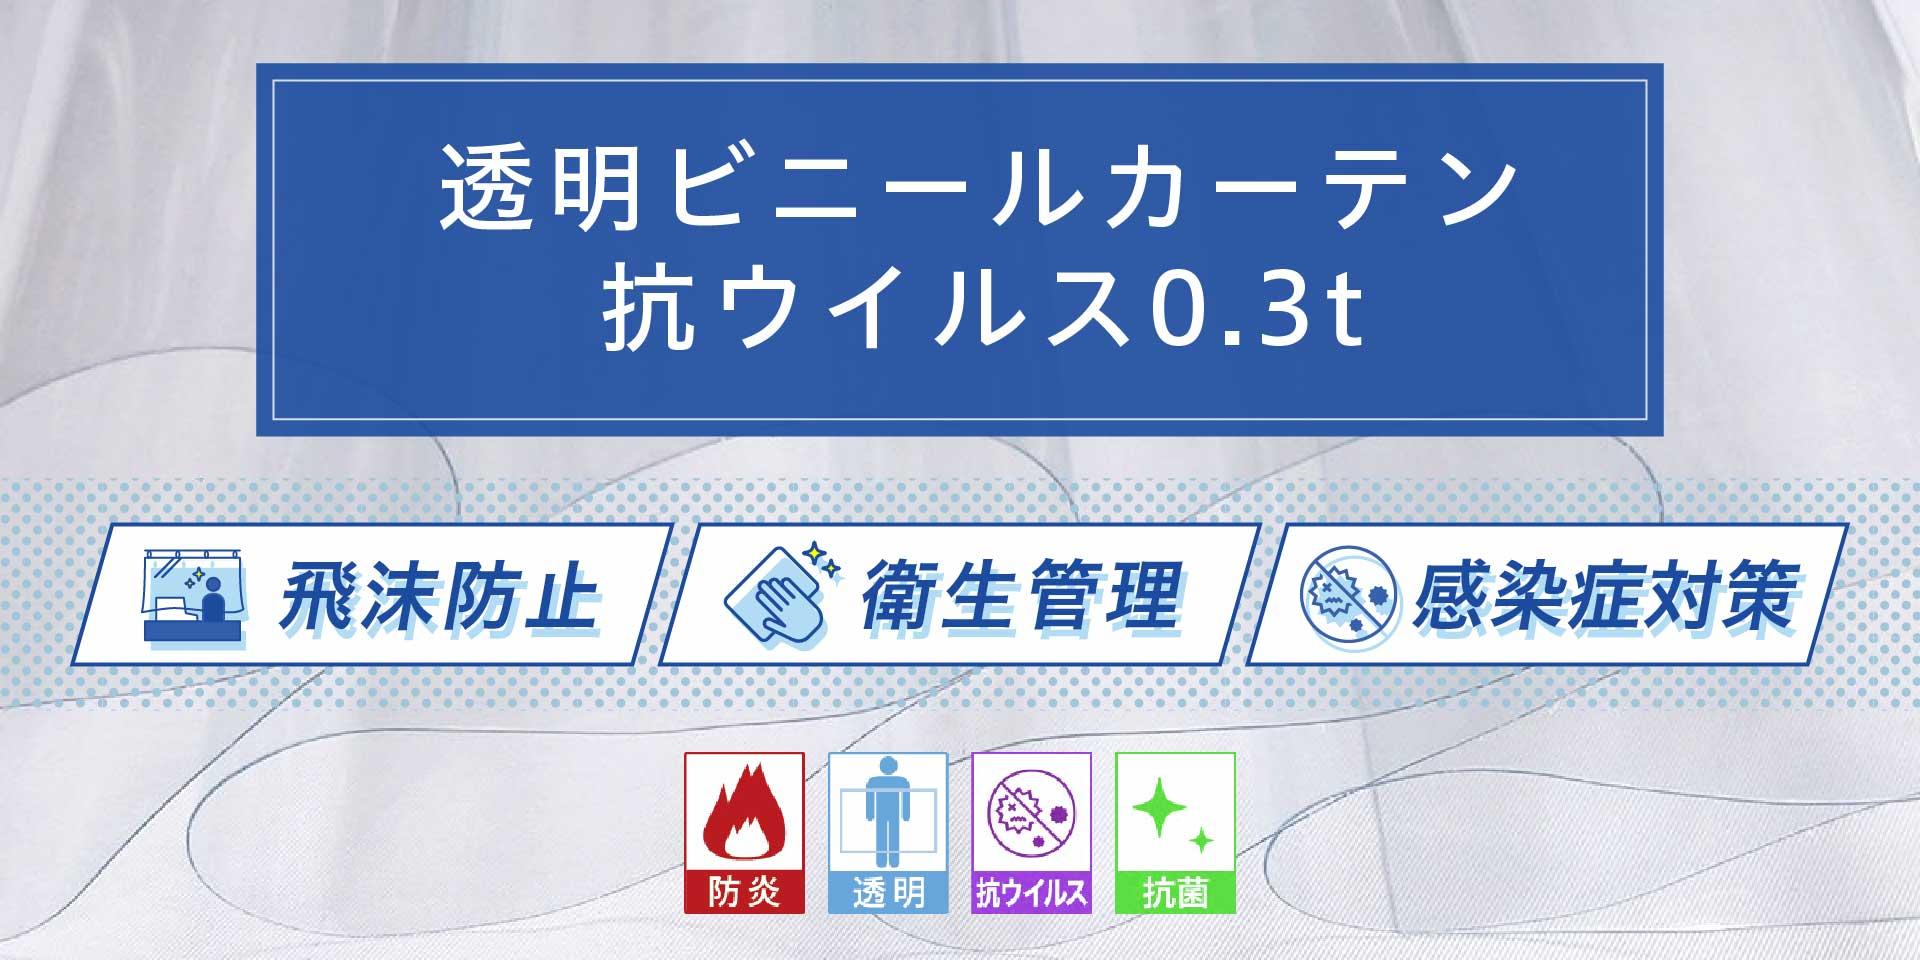 透明ビニールカーテン 抗ウイルス0.3t 飛沫防止 衛生管理 感染症対策